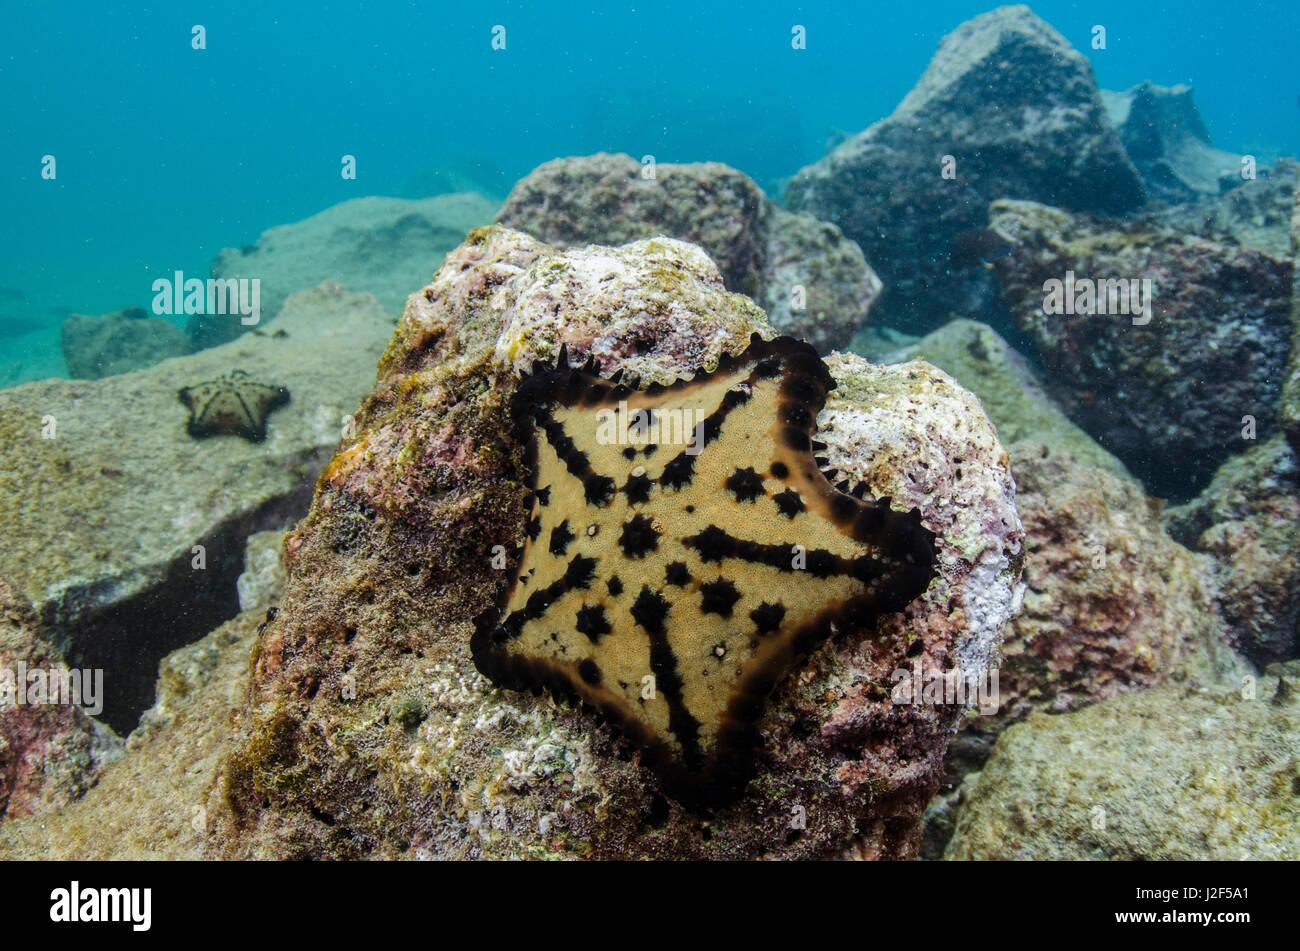 Chocolate Chip Starfish Stock Photos & Chocolate Chip Starfish ...